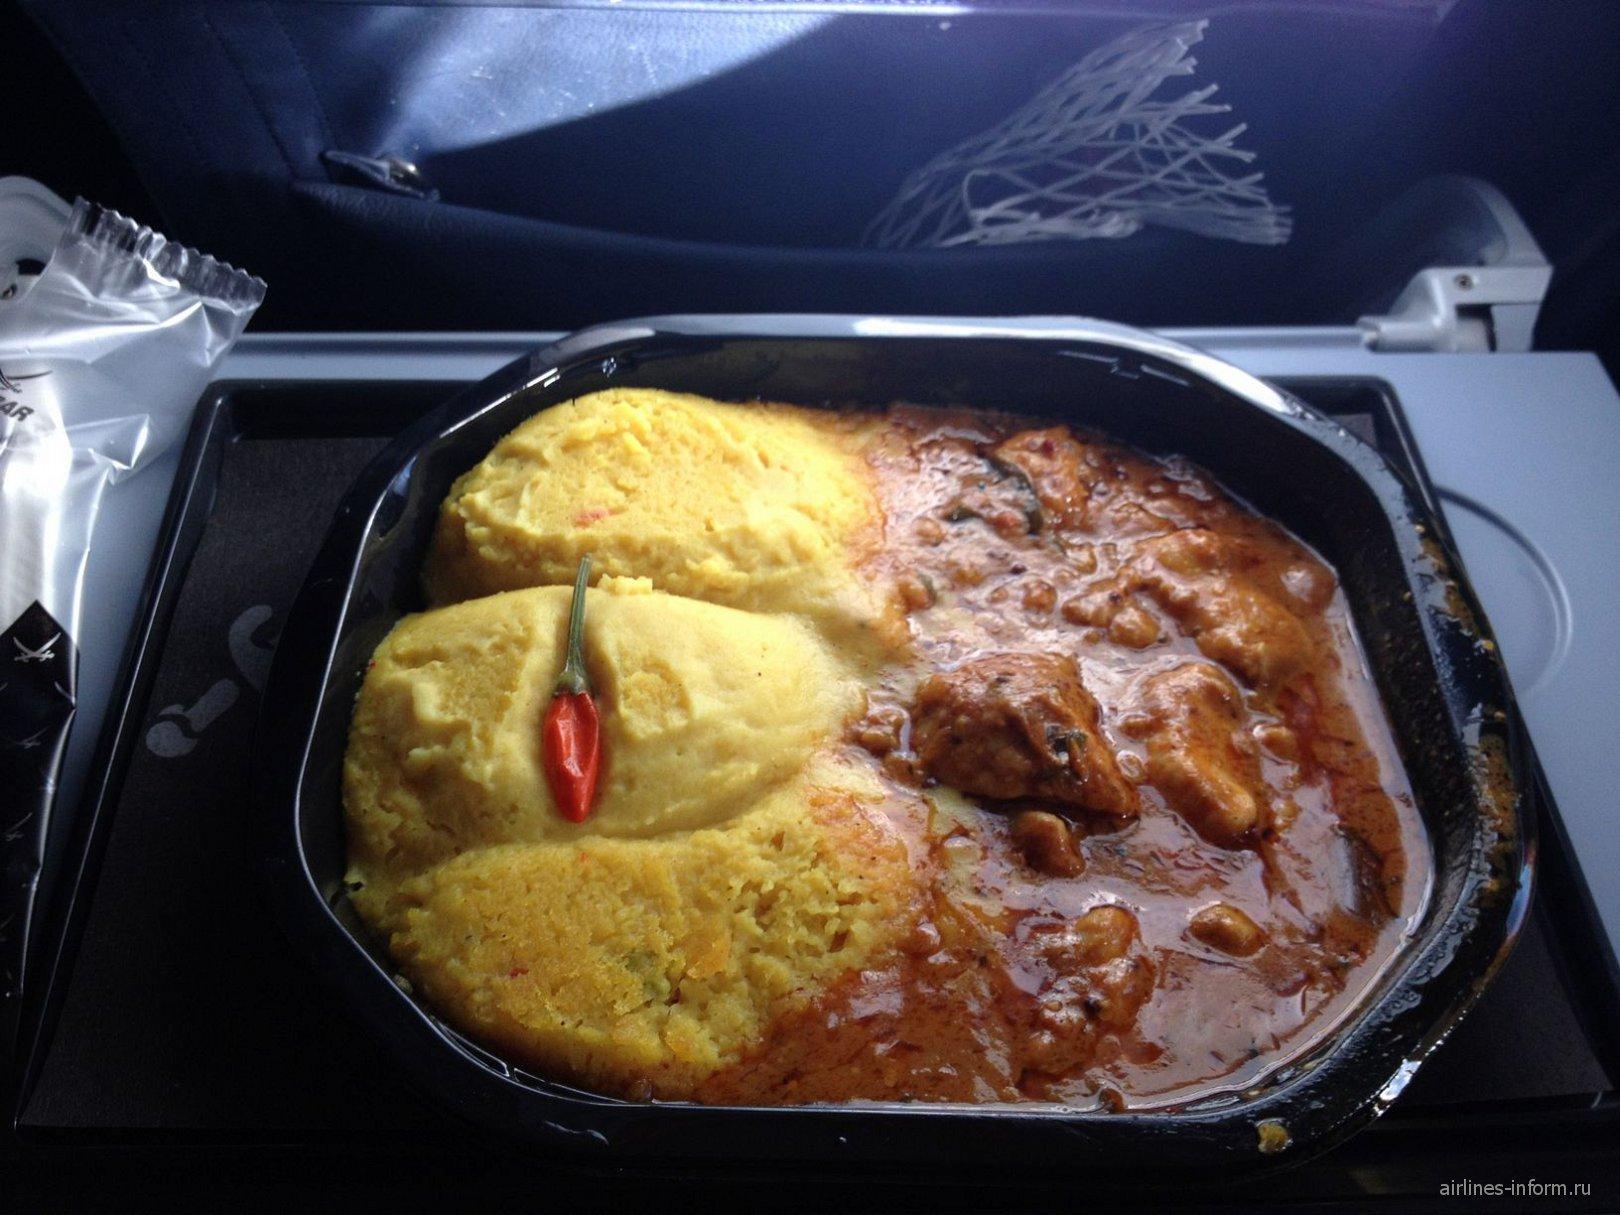 Платное питание на рейсе airberlin - картофельное пюре с курицей под соусом карри